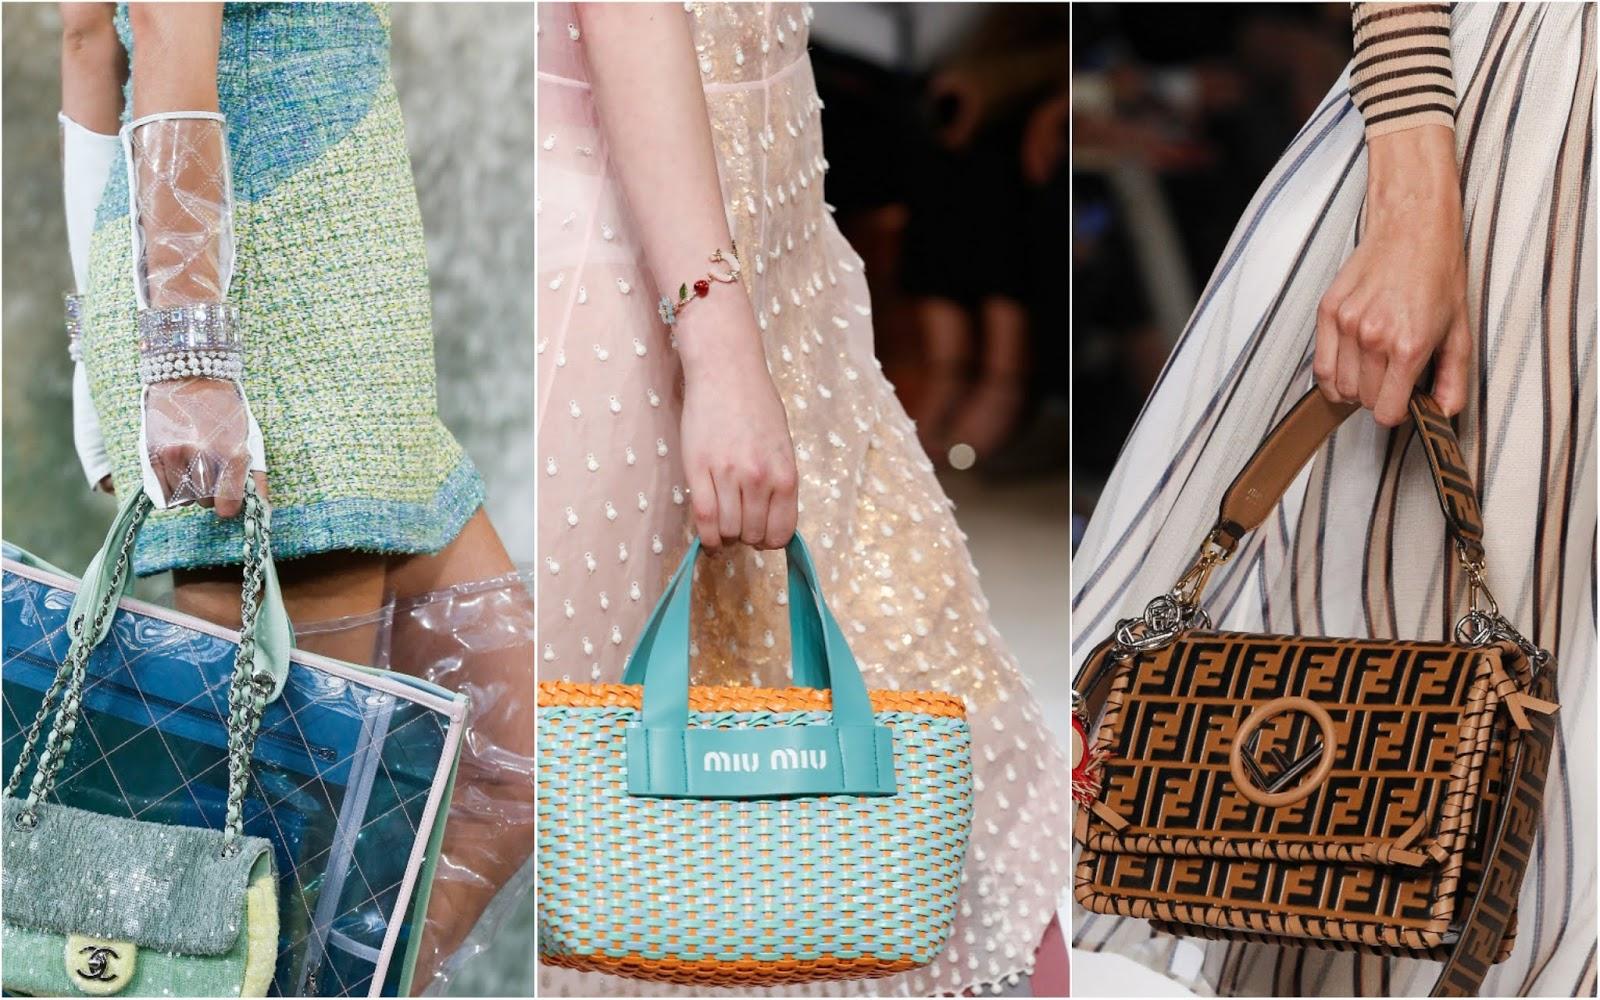 Сетка, пластик и геометрия: самые модные сумки весна-лето 2018